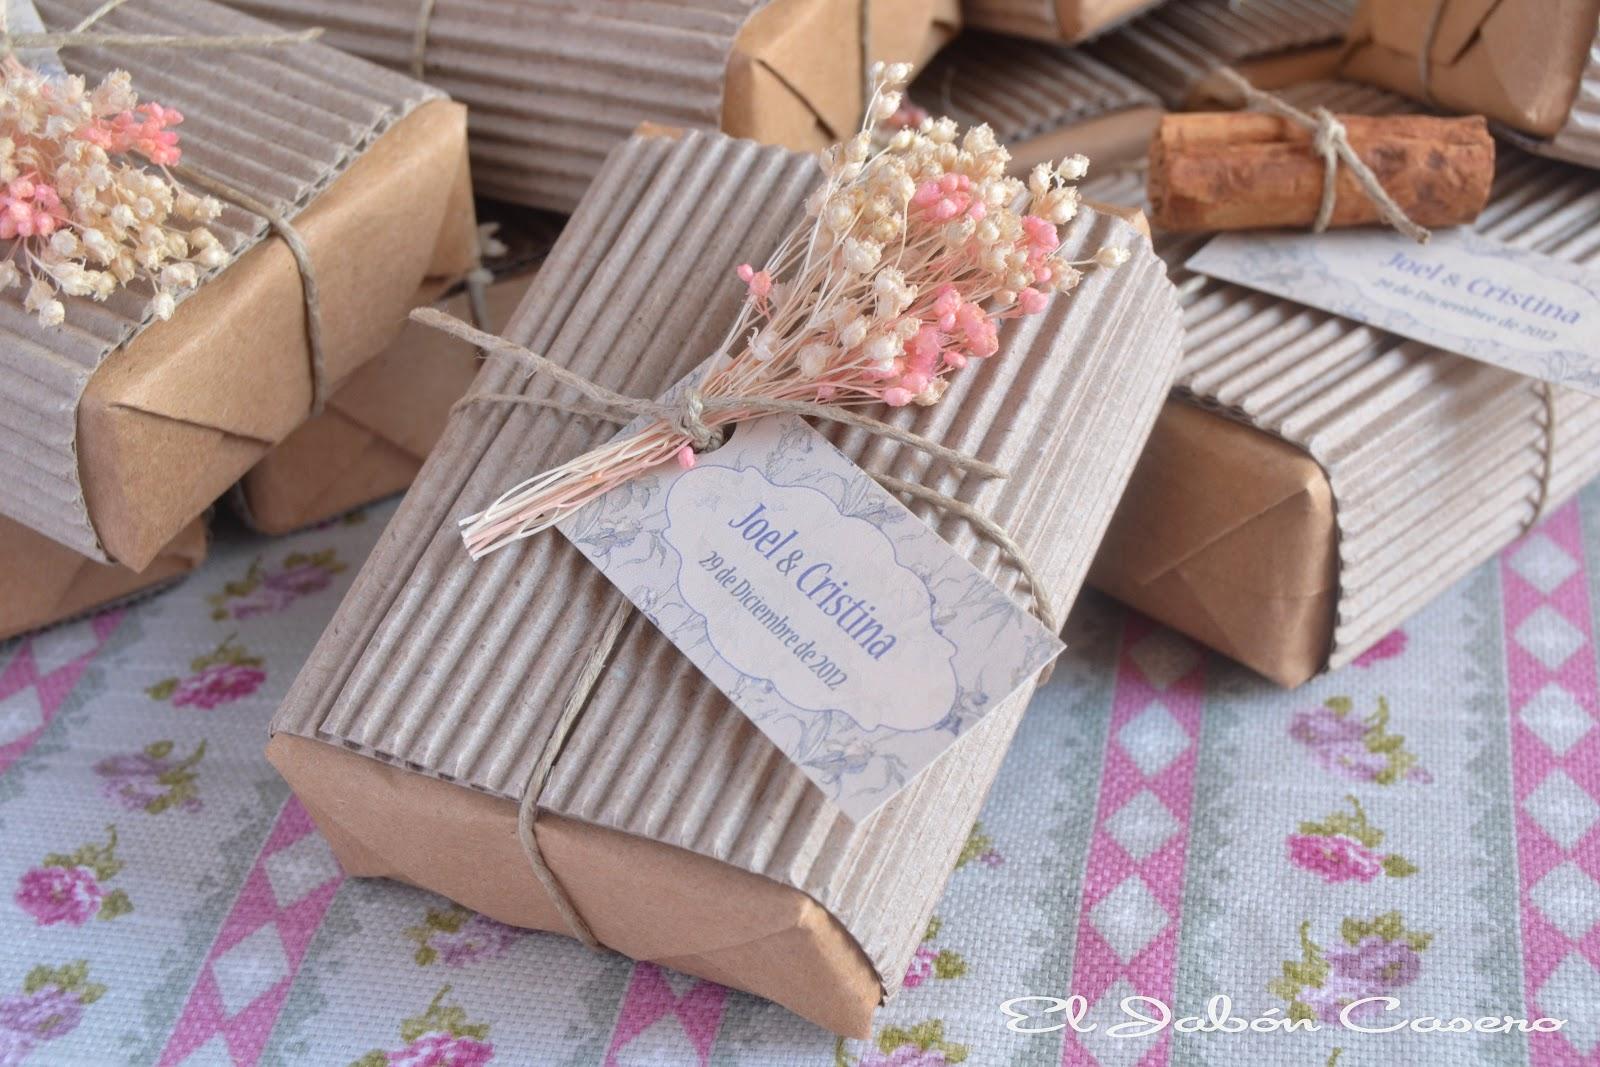 El jab n casero detalles de boda para ellas y ellos for Detalles de boda para hombres